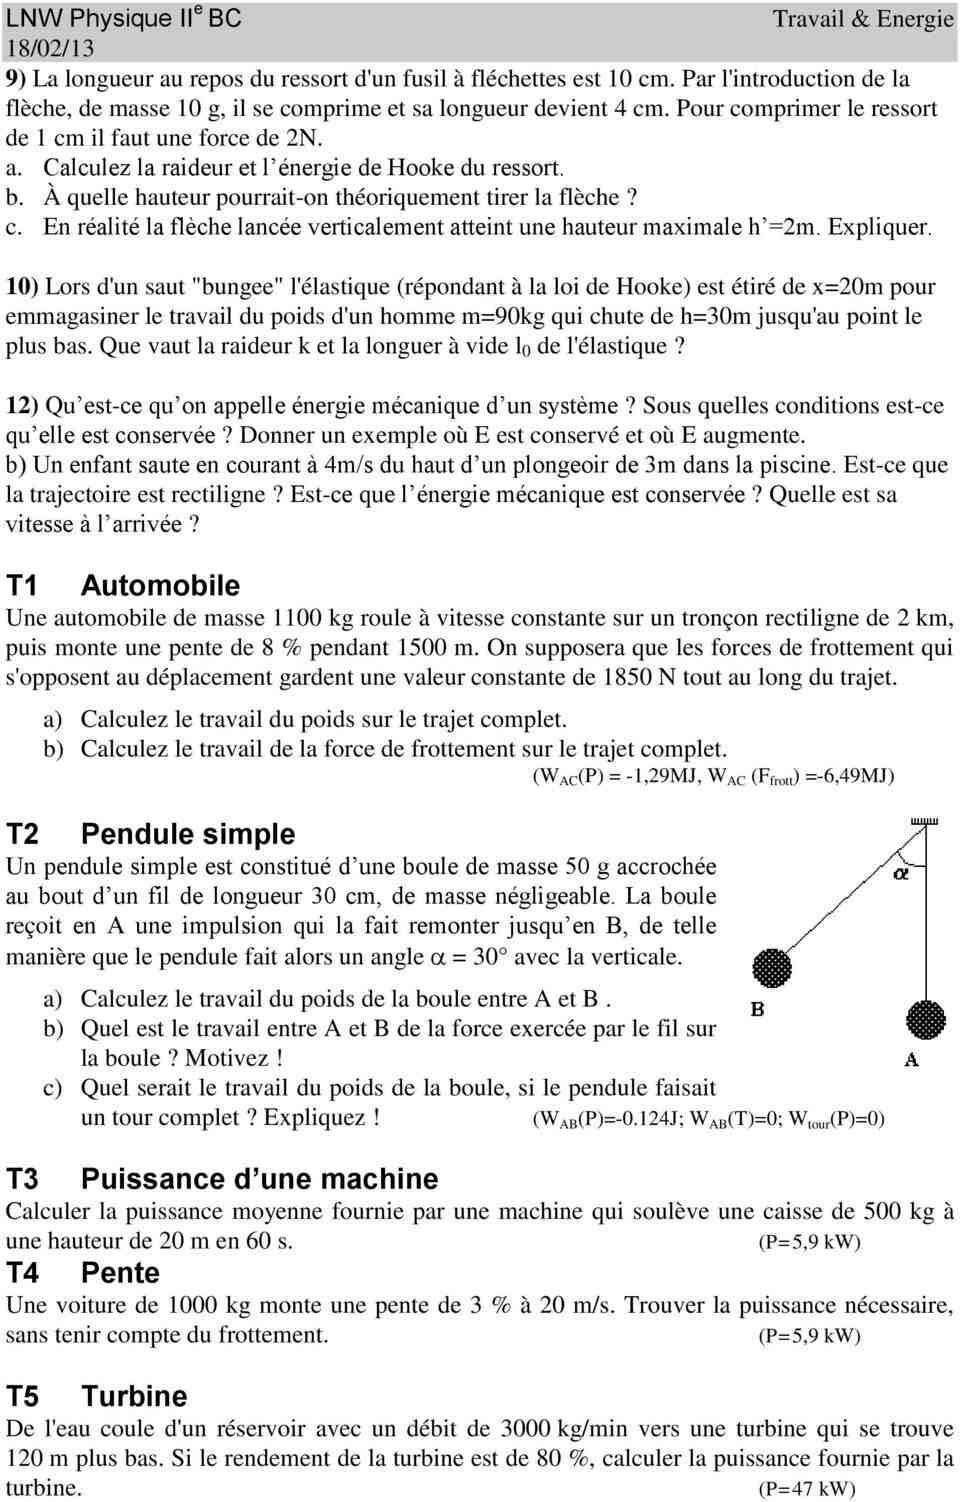 Comment connaître la puissance d'un moteur de voiture?